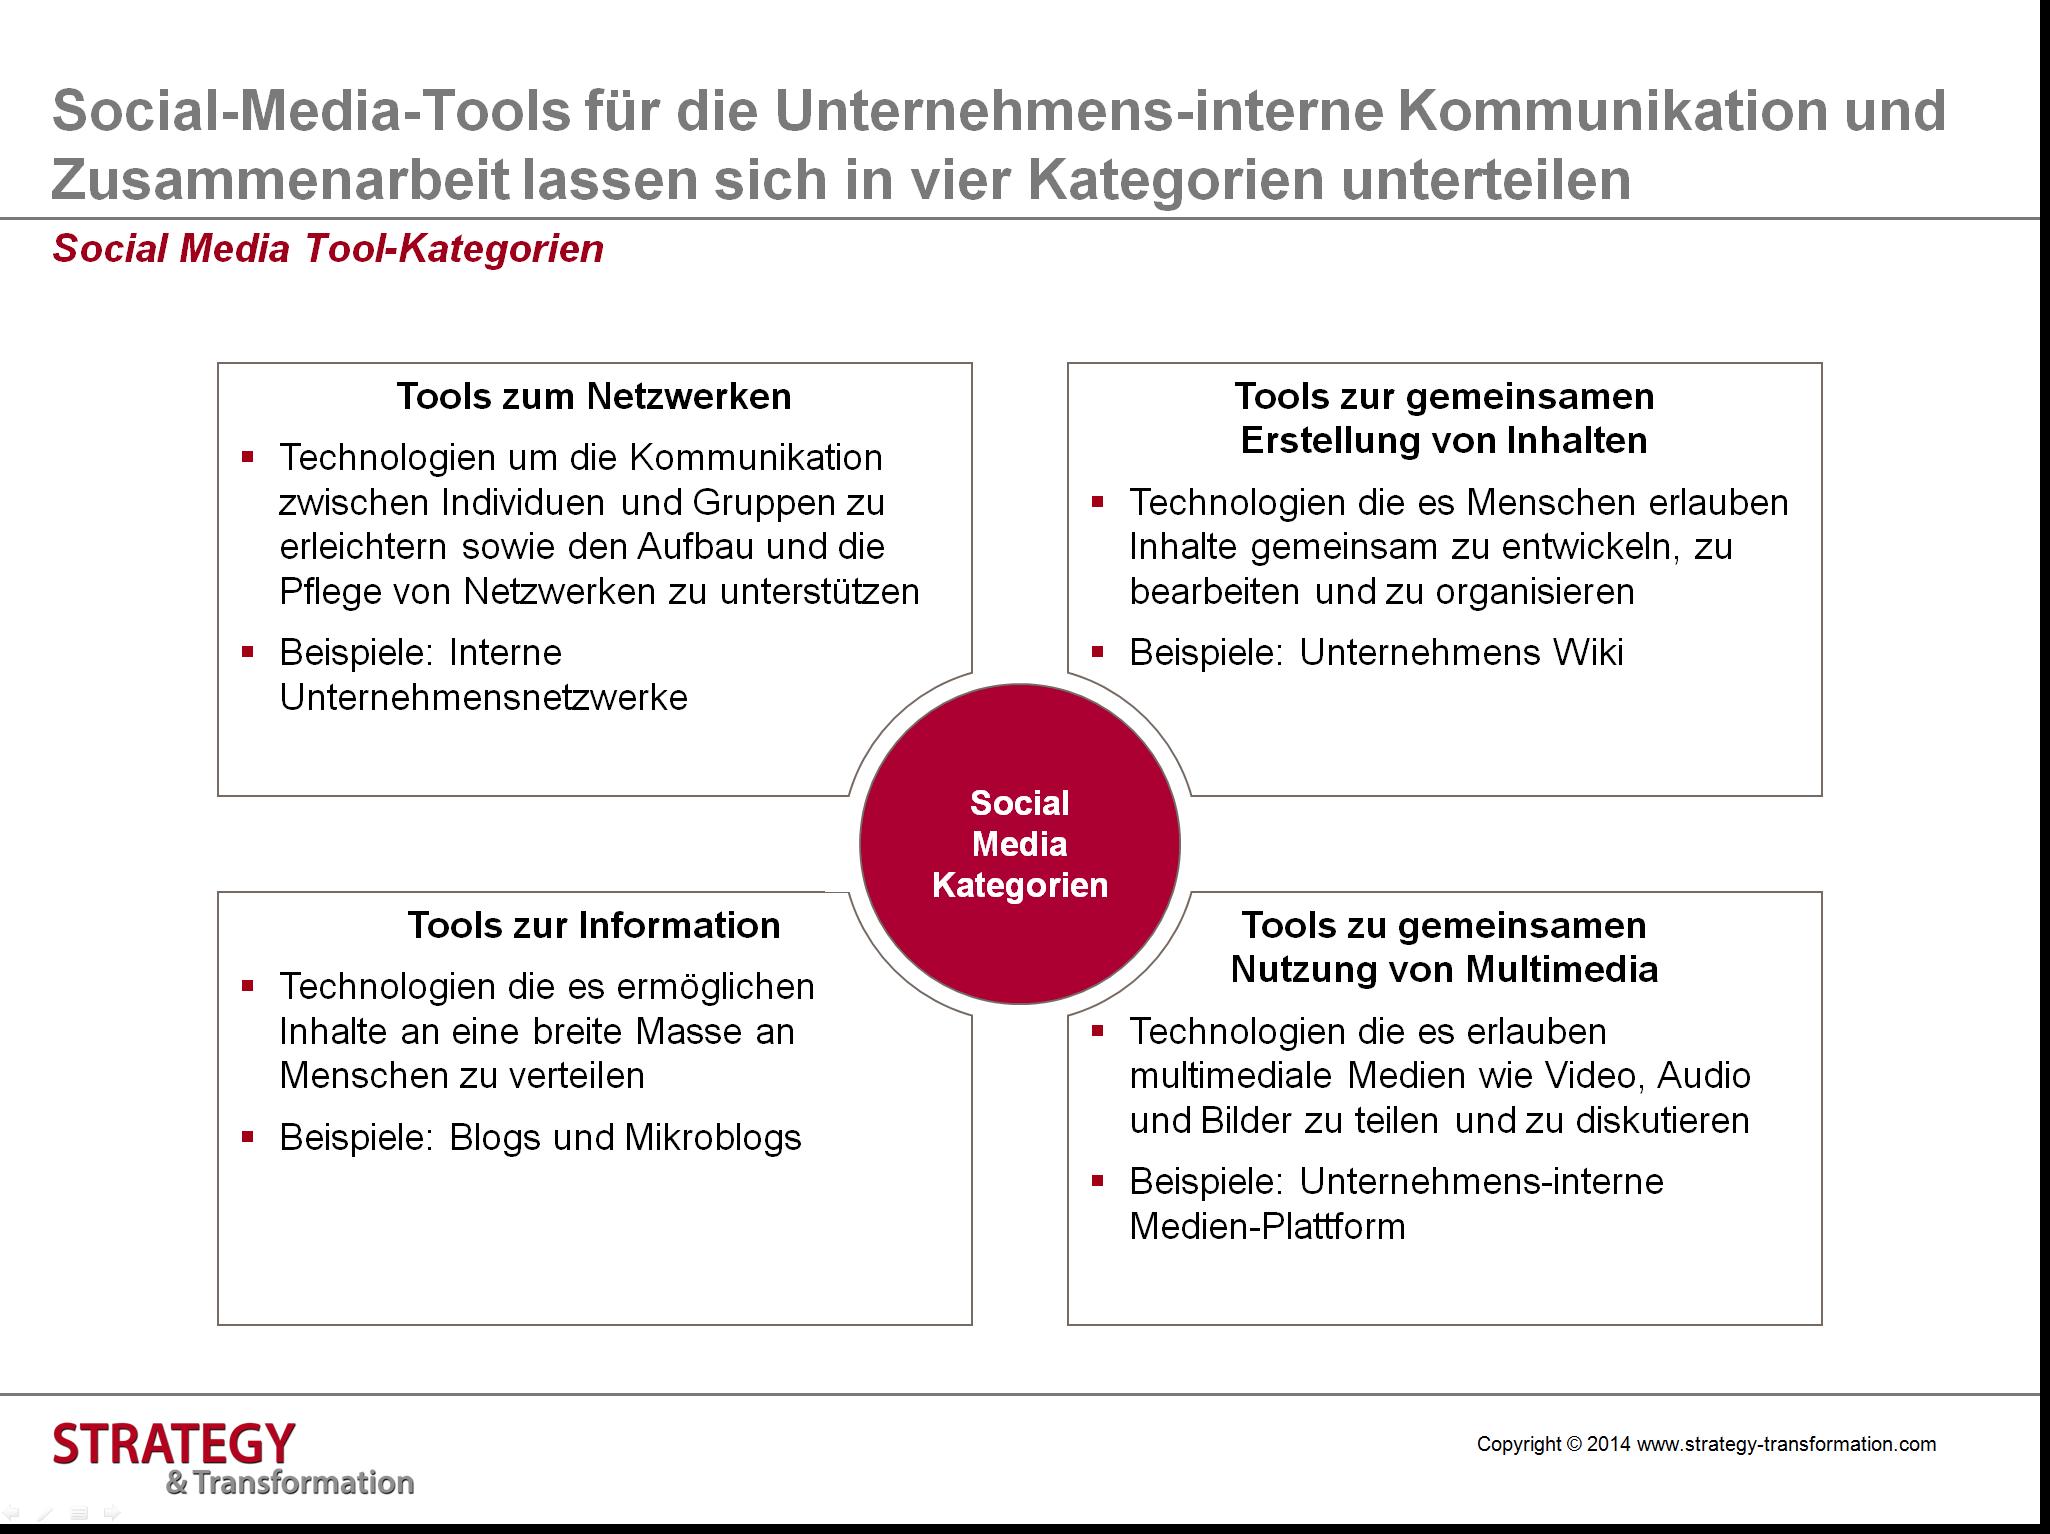 Social Intranet_Social Media Tool Kategorien